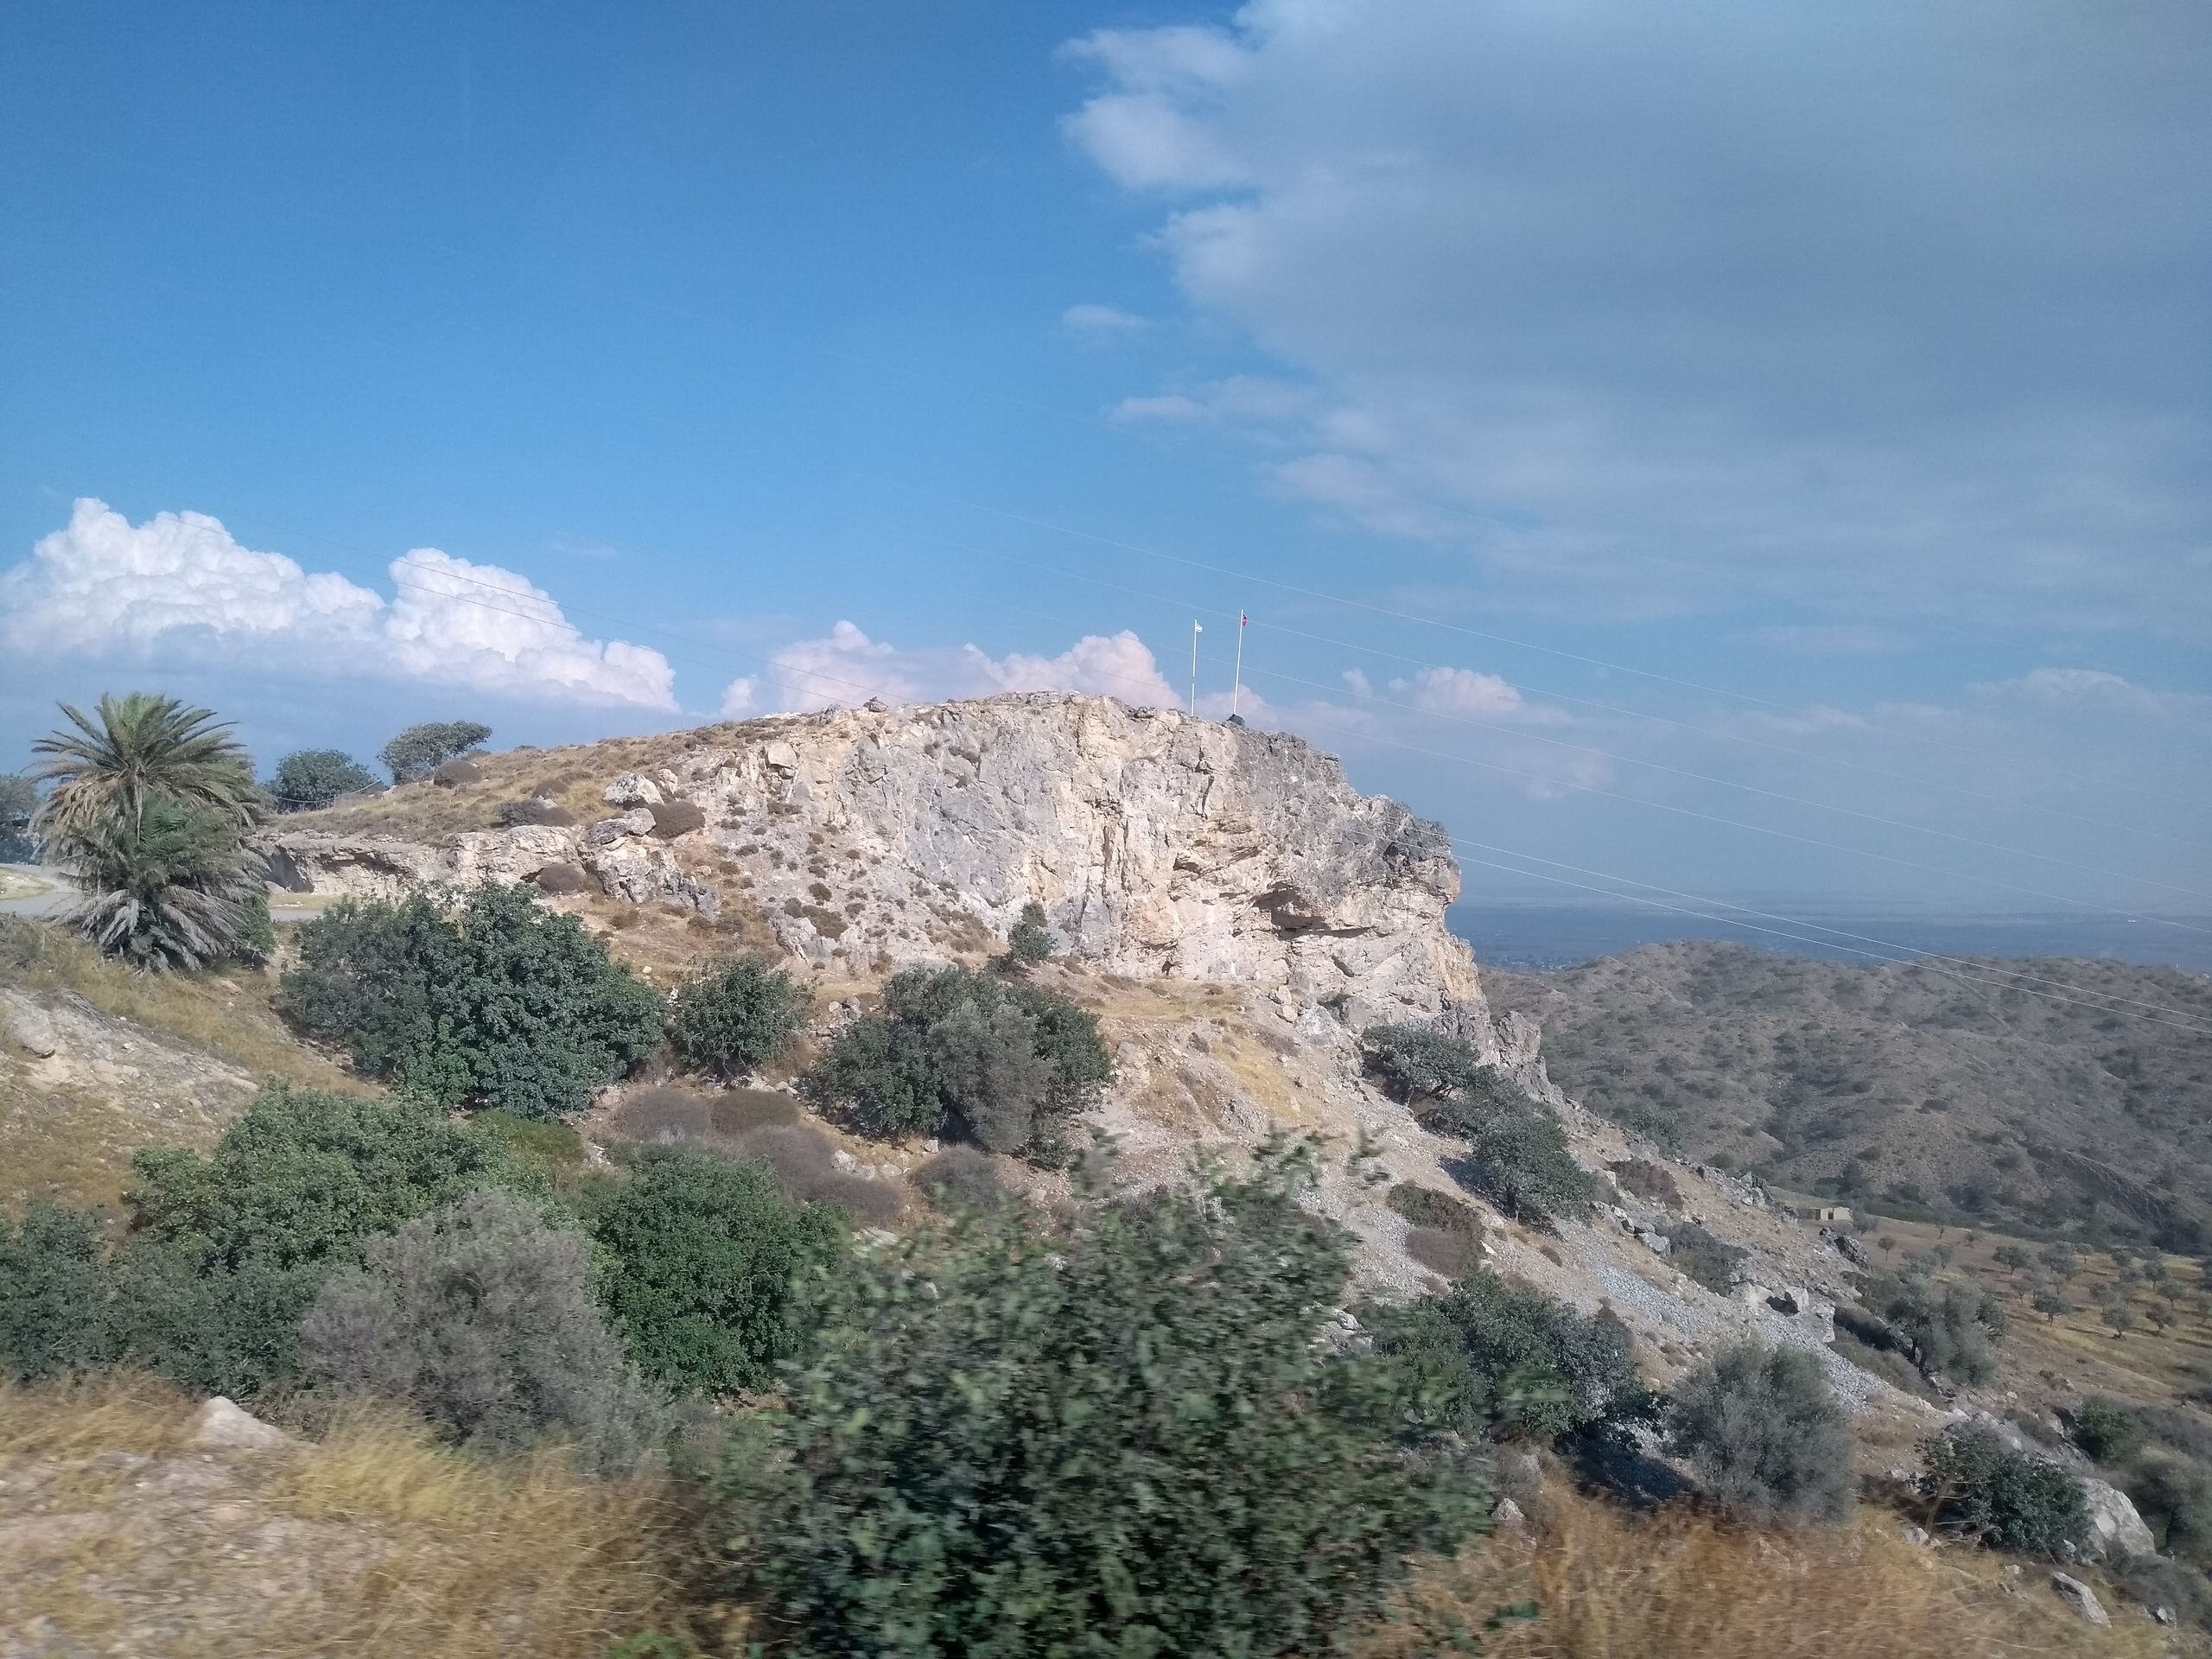 Елена Руденко (Валтея). Северный Кипр. Кериния и Фамагуста. (фото) - Страница 3 2e3j4xHvMis